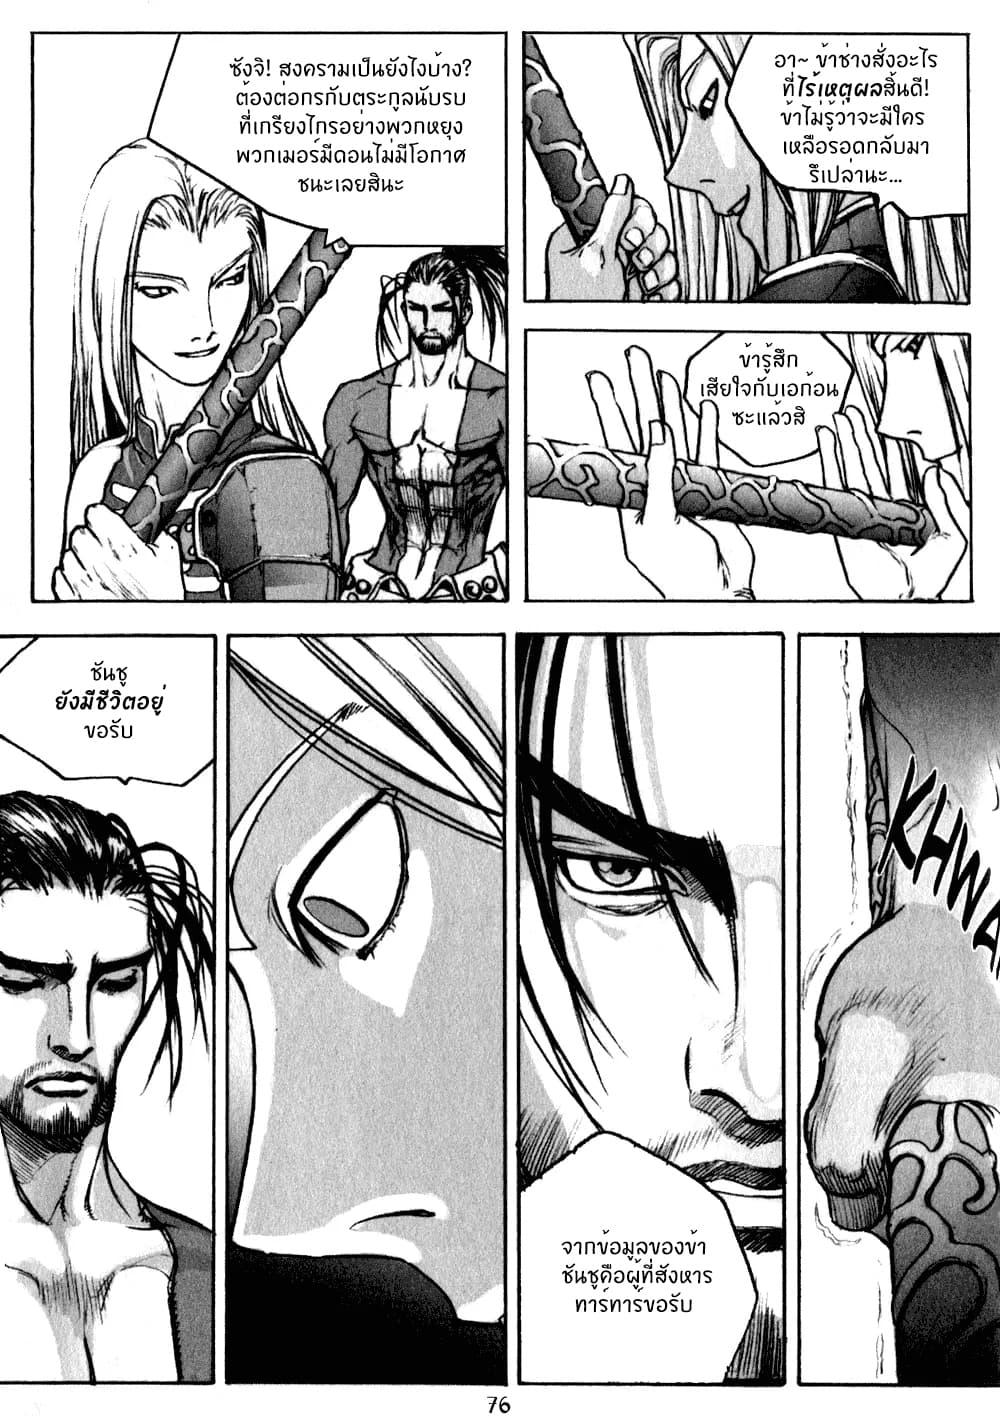 อ่านการ์ตูน Chunchu The Genocide Fiend ตอนที่ 3 หน้าที่ 16